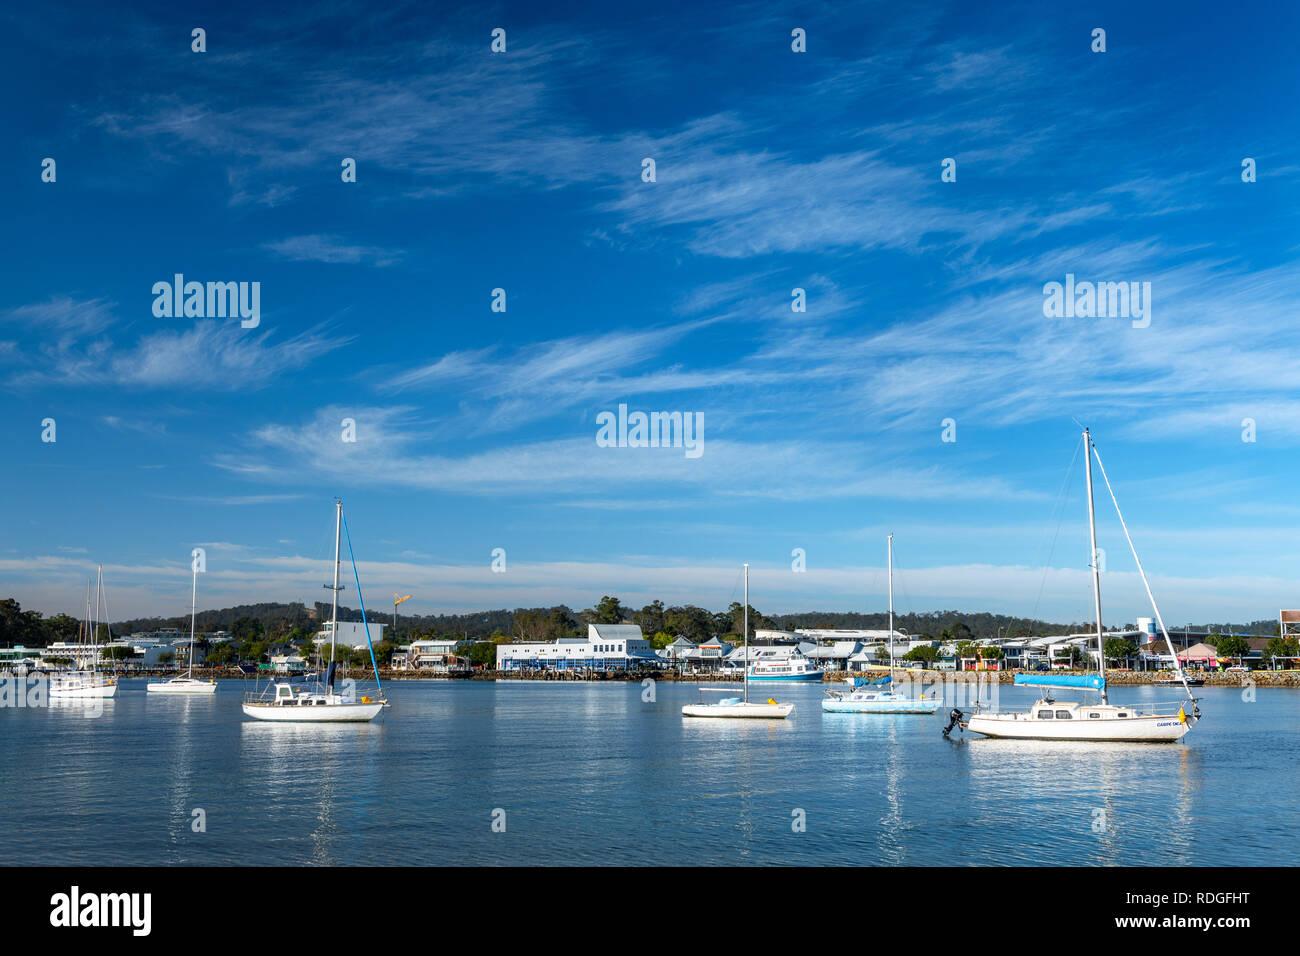 Bateaux à voile sur la rivière Clyde à Batemans Bay. Banque D'Images